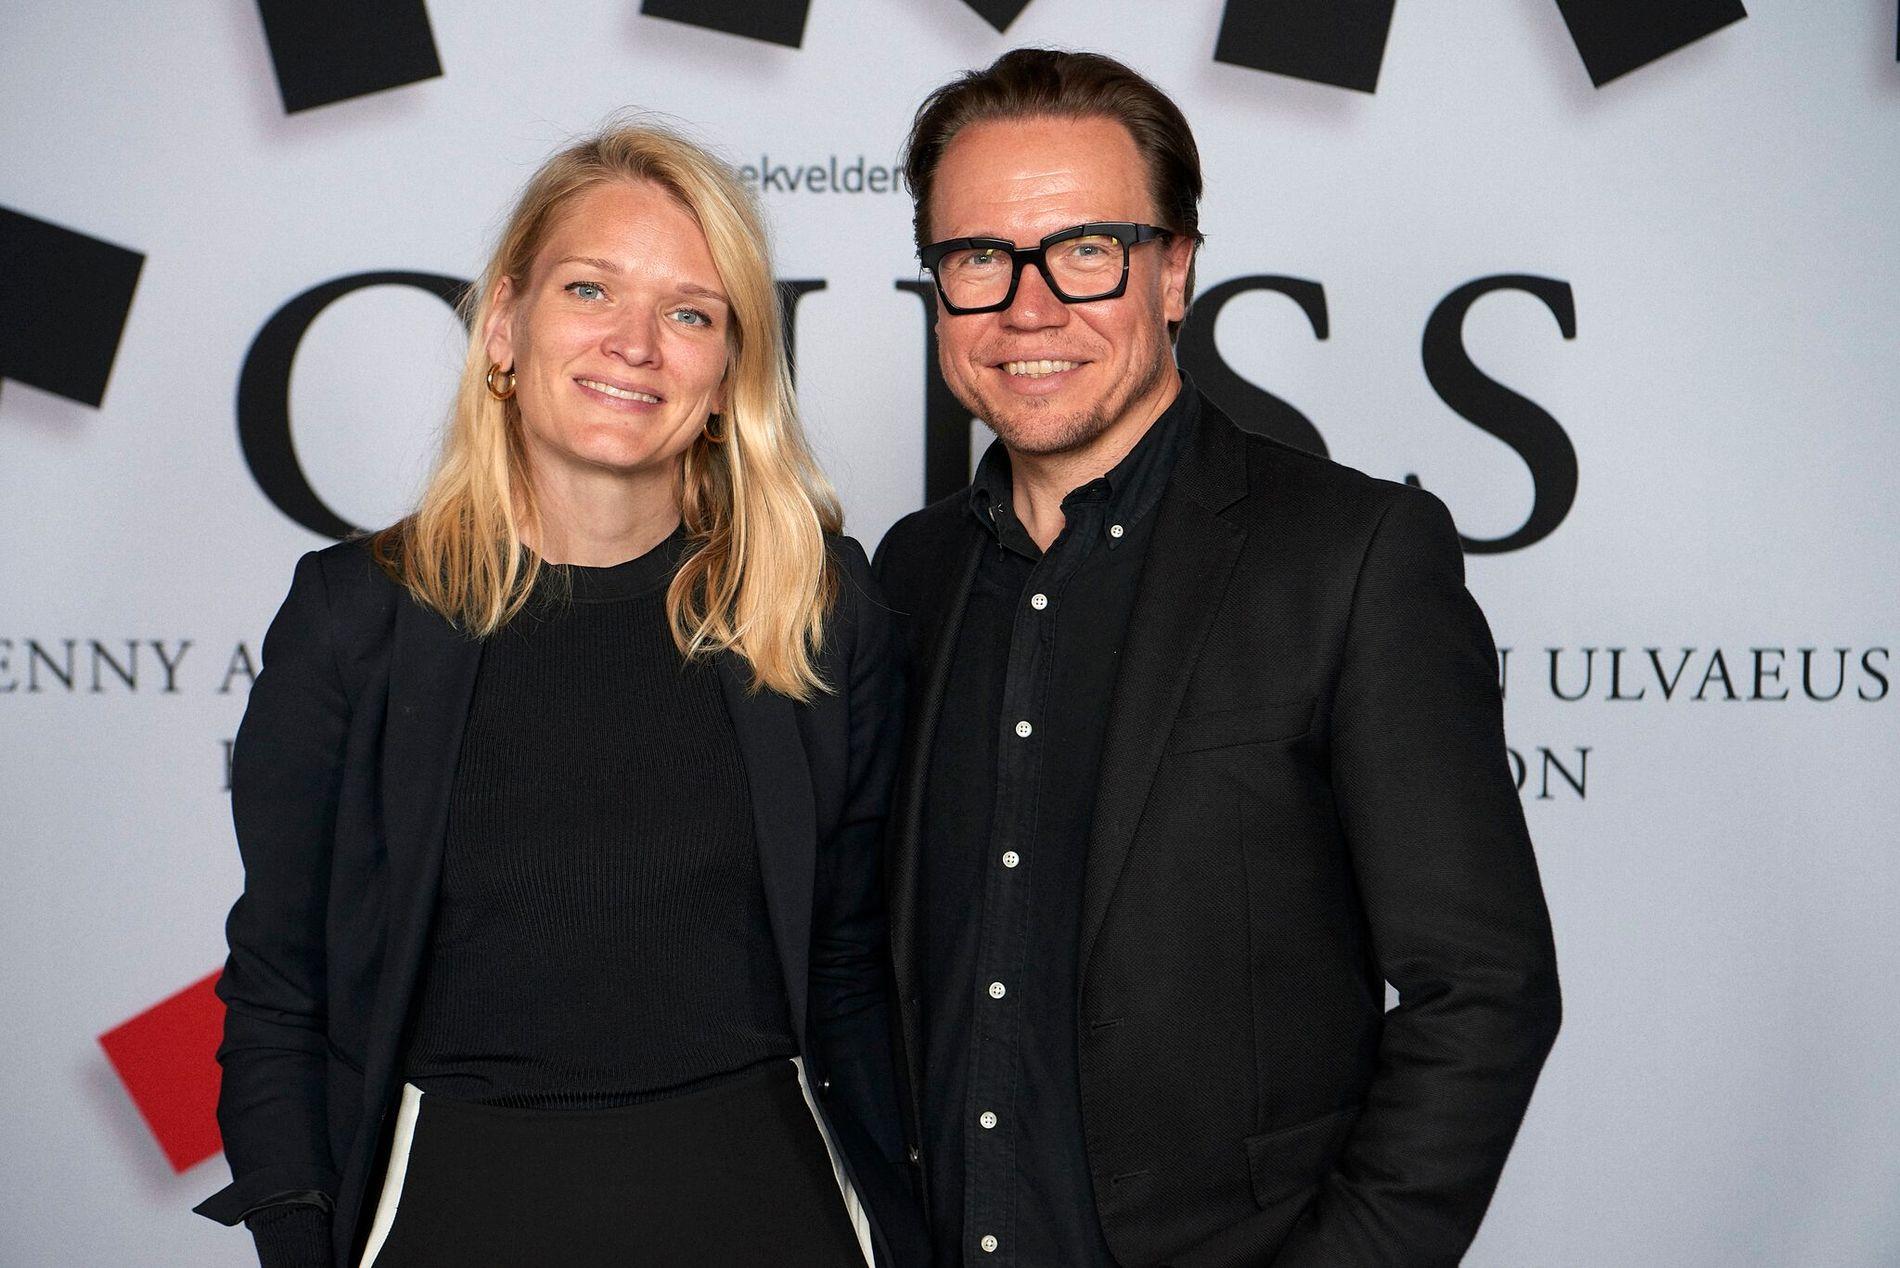 Scenekvelders produsent Karianne Jæger og kunstnerisk ansvarlig Atle Halstensen.